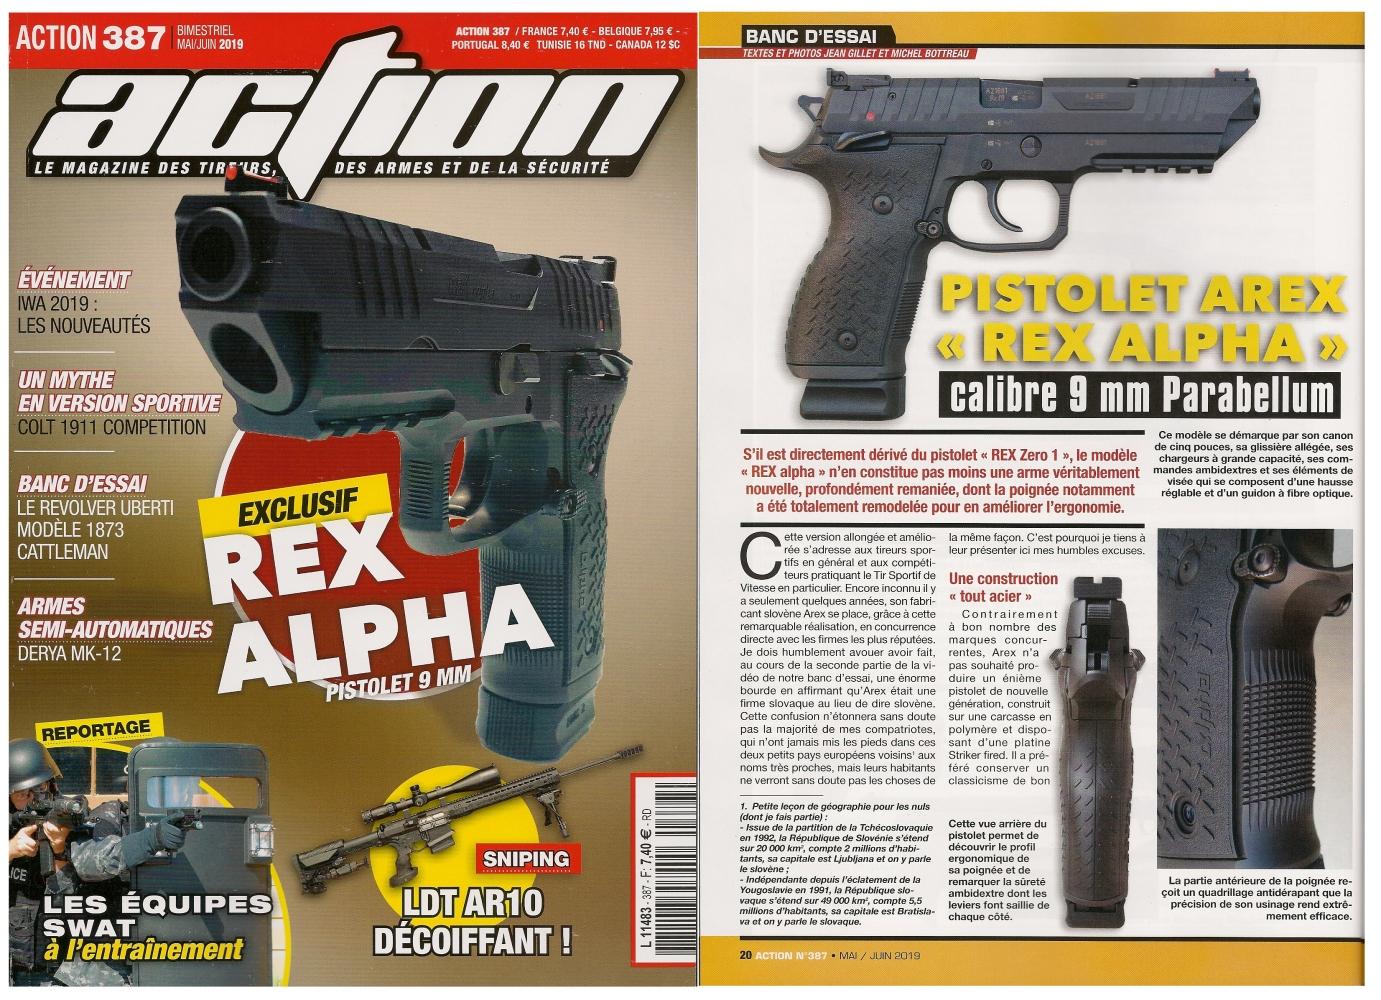 Le banc d'essai du pistolet Arex REX alpha a été publié sur 6 pages dans le magazine Action n°387 (mai/juin 2019).